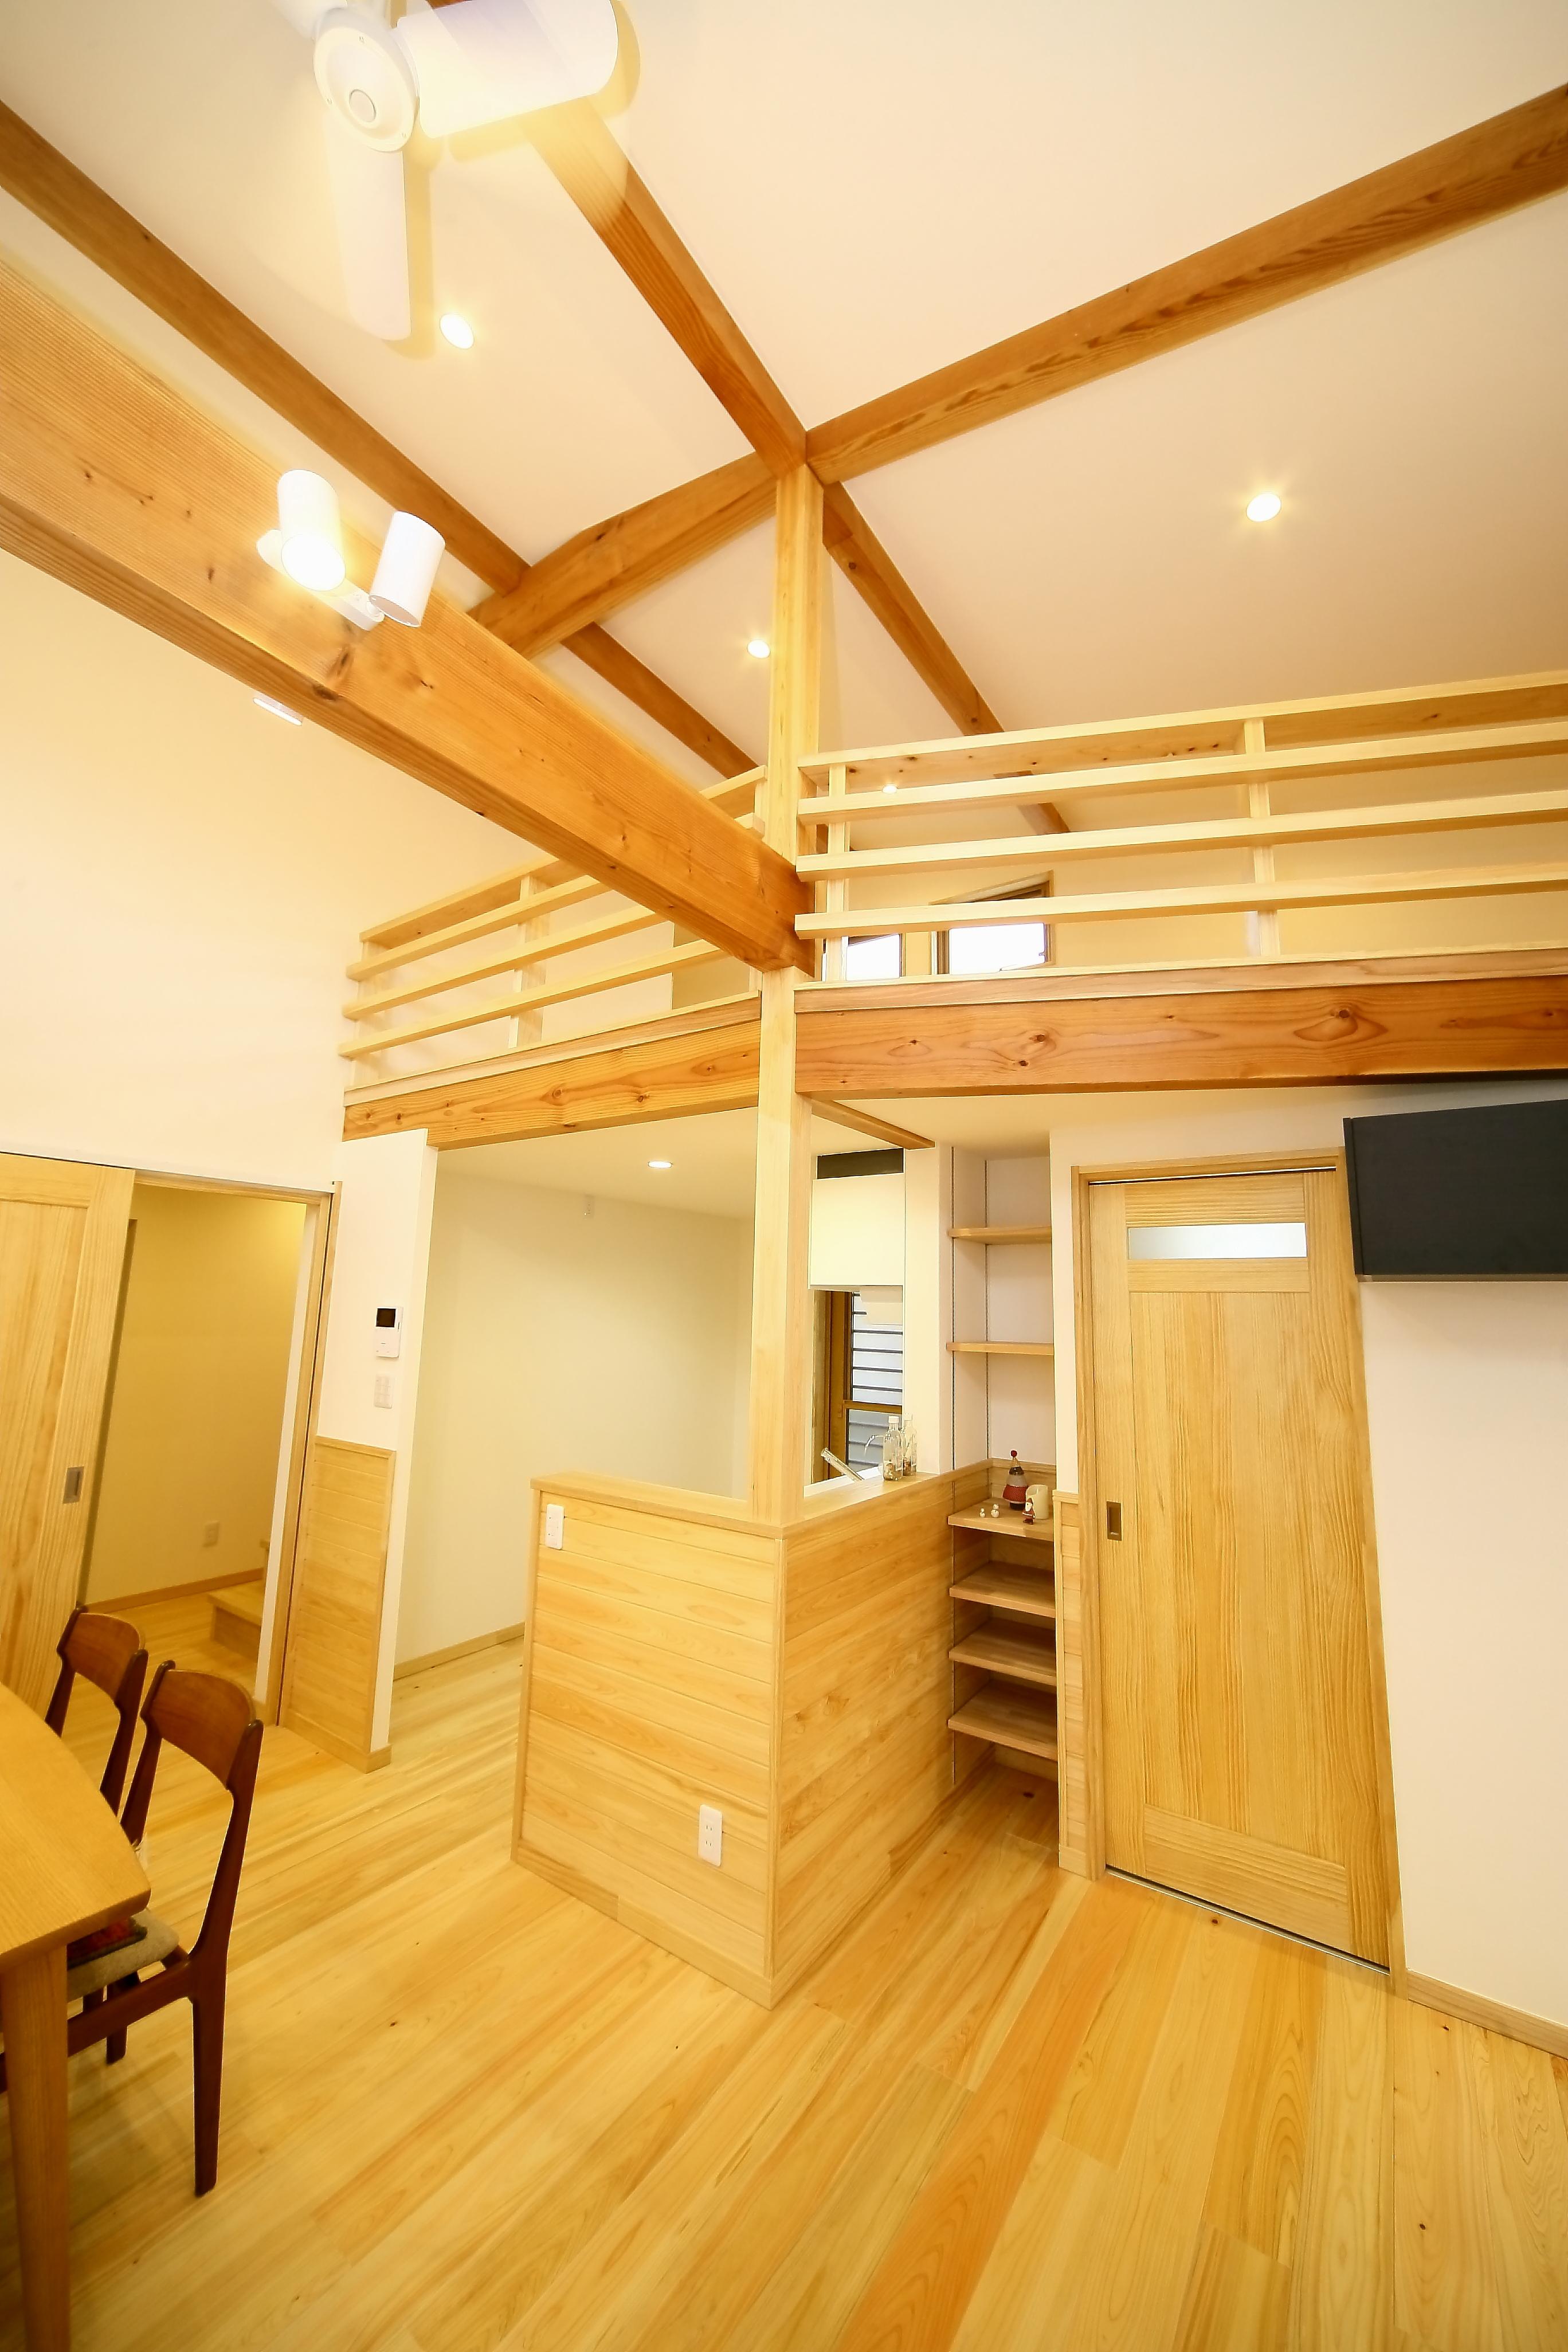 エコフィールド【二世帯住宅、自然素材、間取り】木の香りと温もりが心地いい親世帯のLDK。現しの梁と勾配天井が開放感をプラス